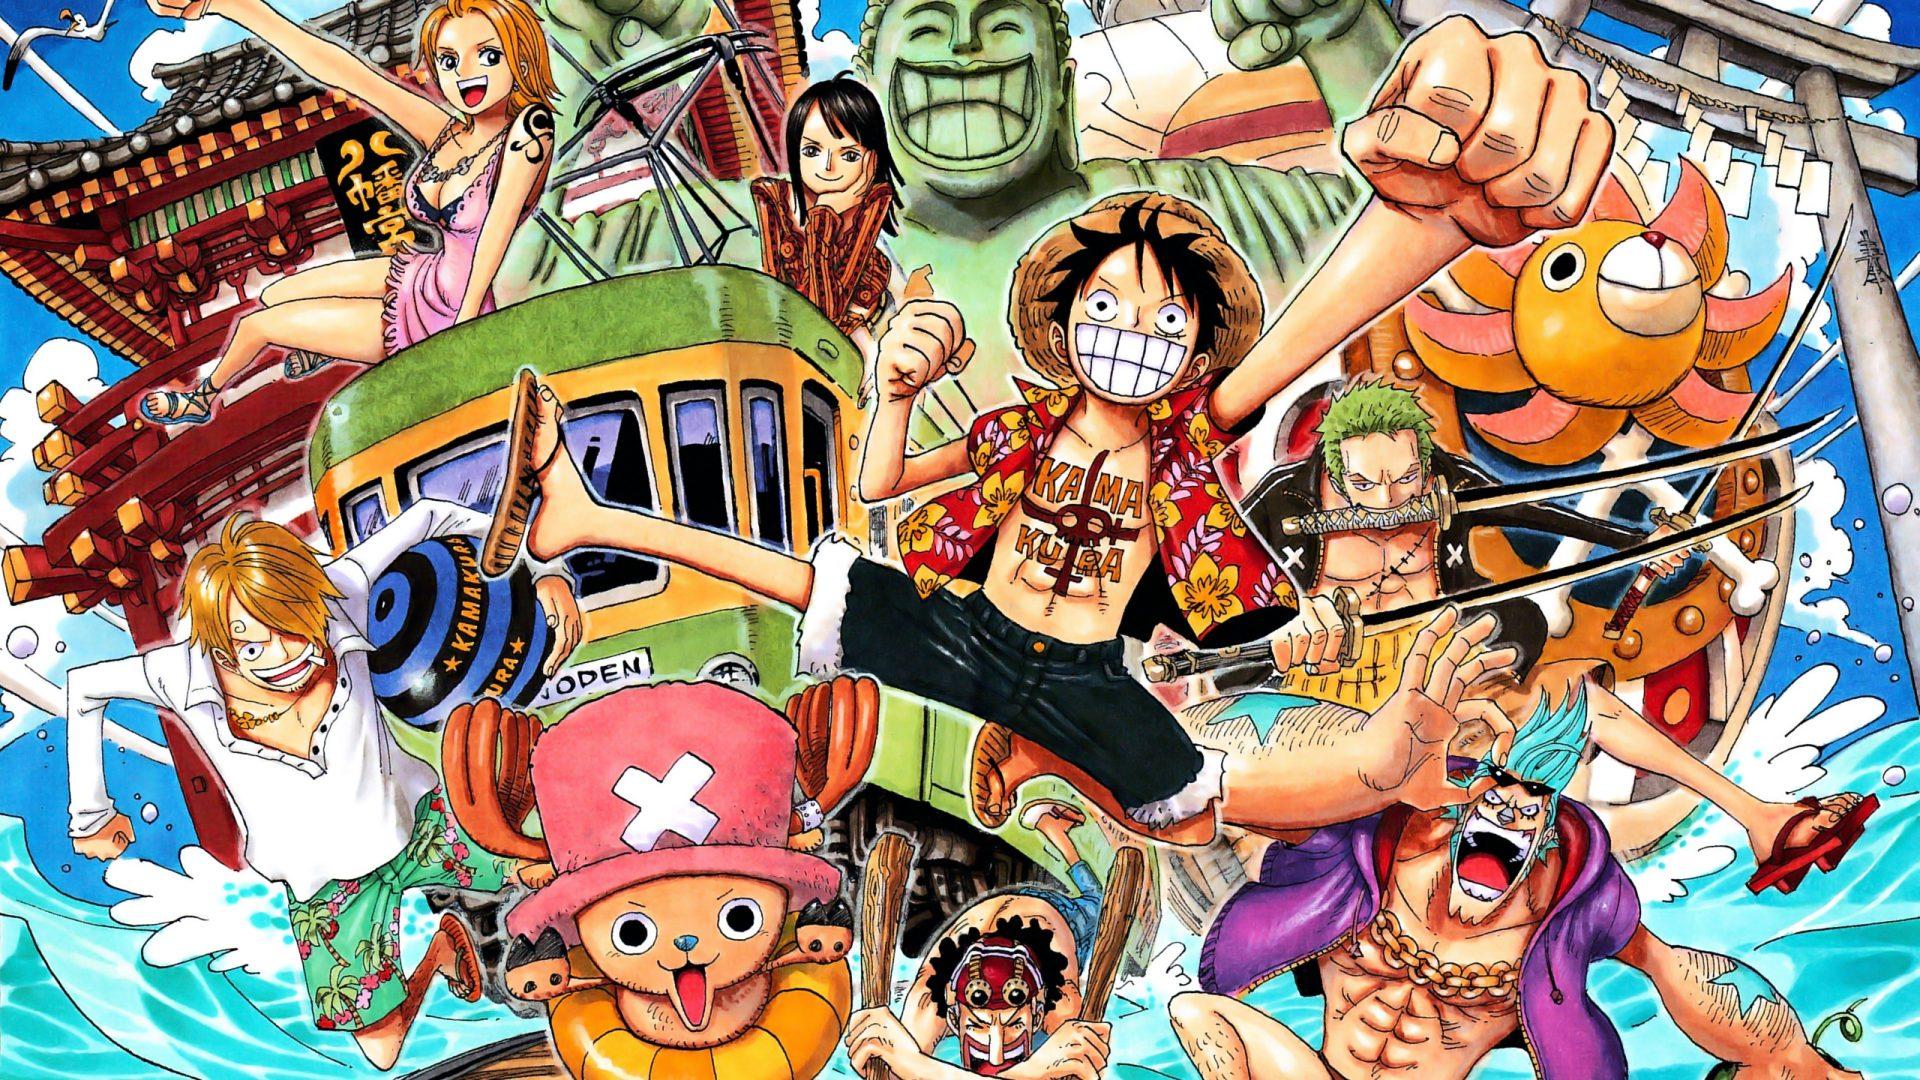 Ce qu'il faut savoir sur le manga One Piece | Mugiwara Shop